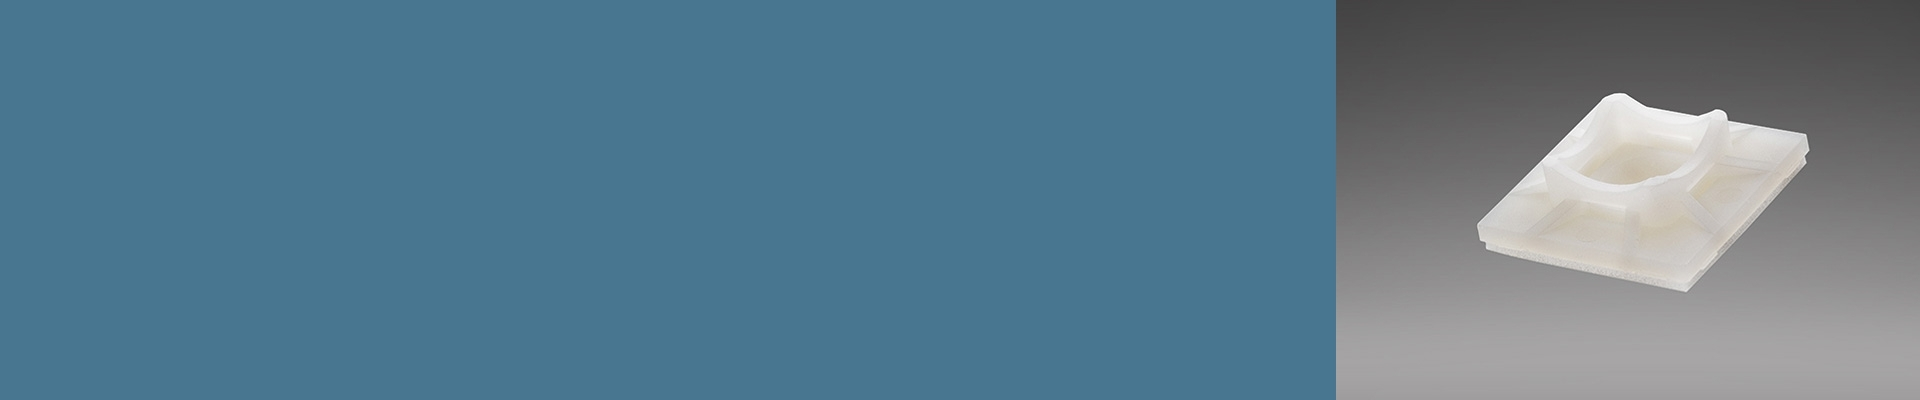 ✓ Kabelmanagement ✓ Kabelhalter ✓ Montagesockel